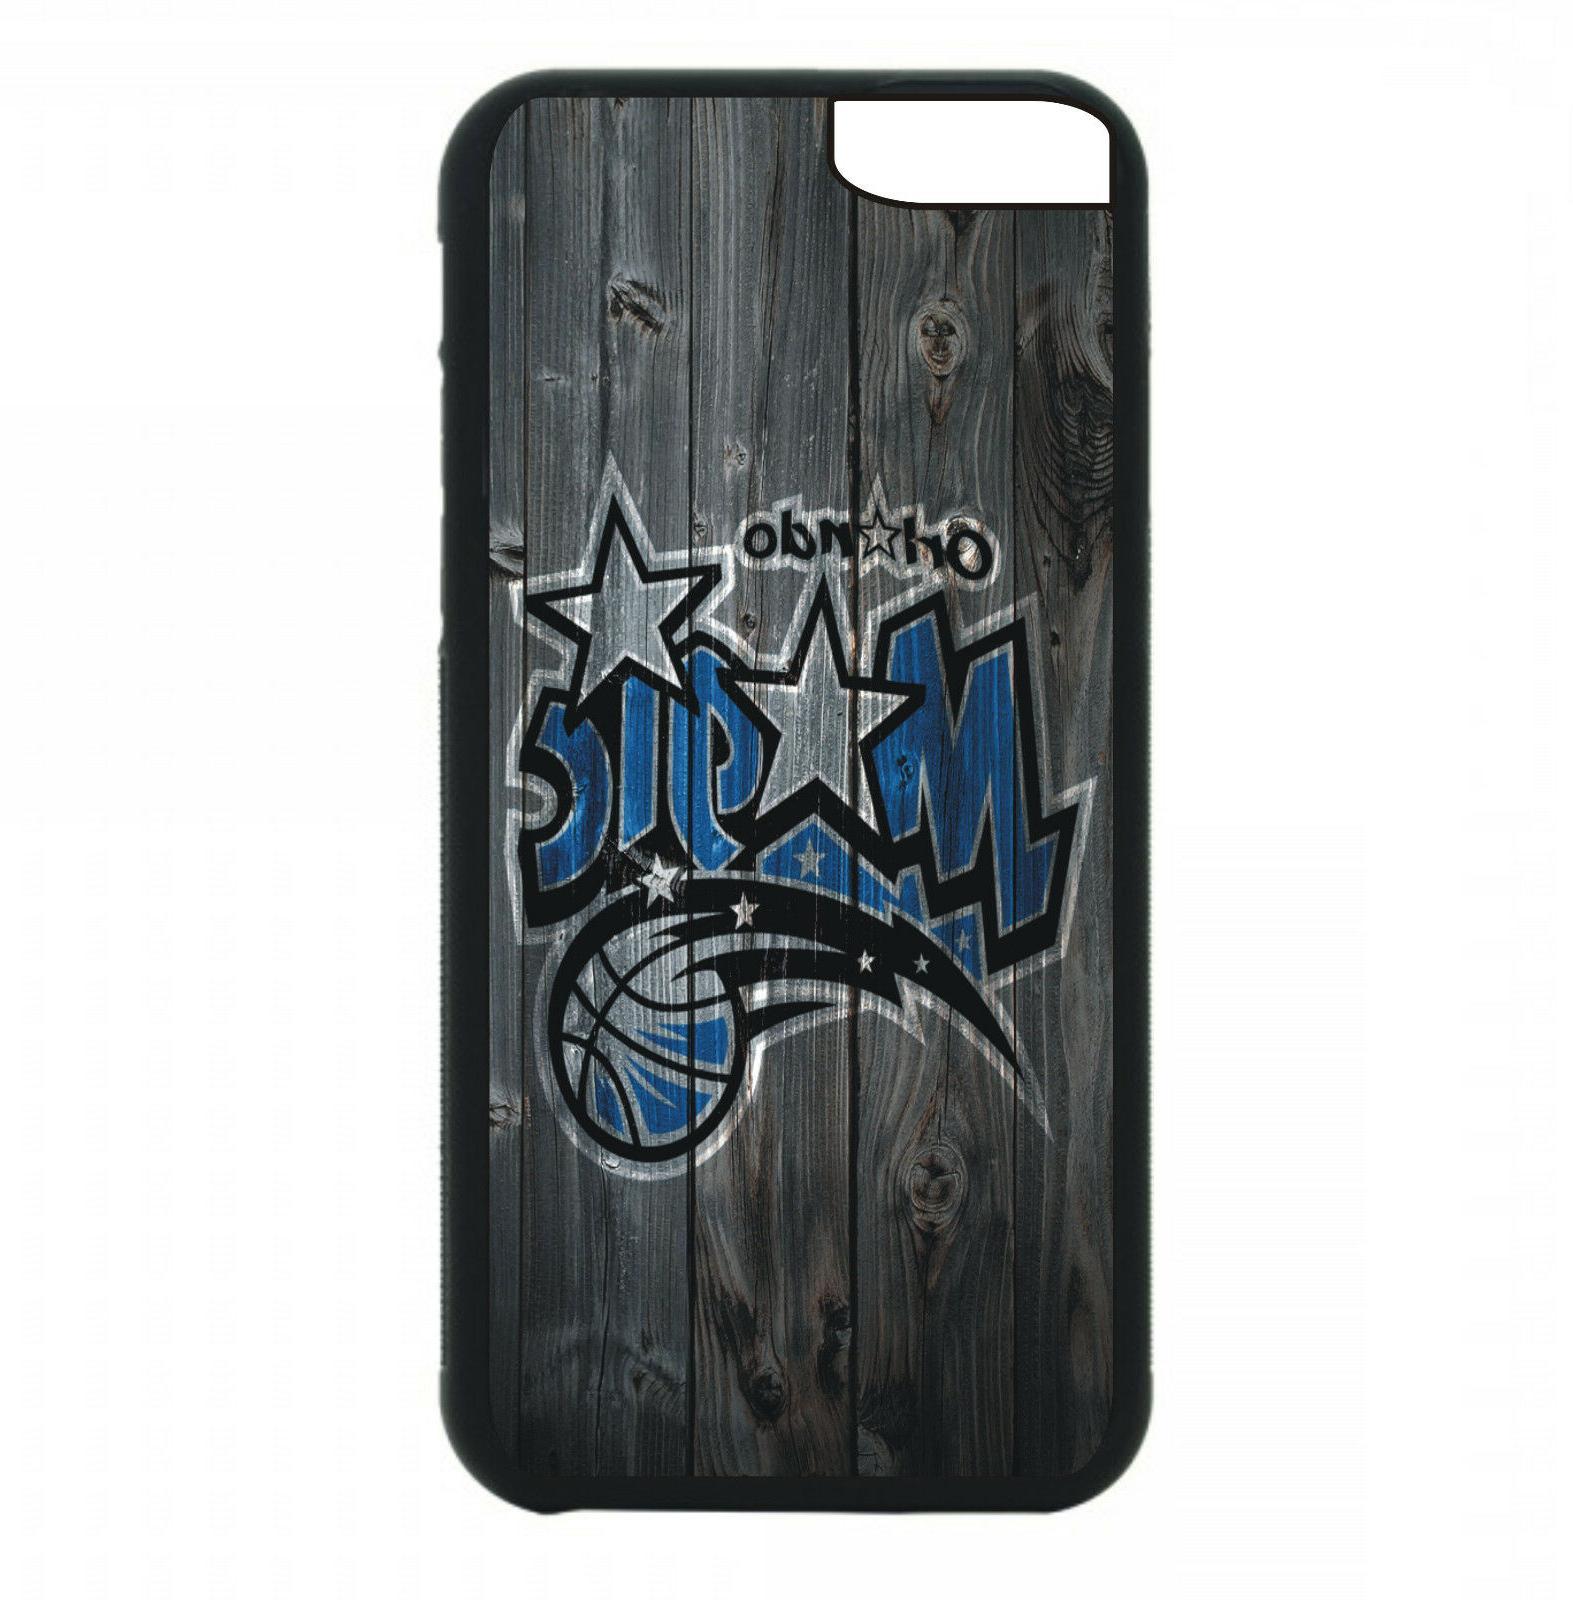 orlando magic phone case for iphone x